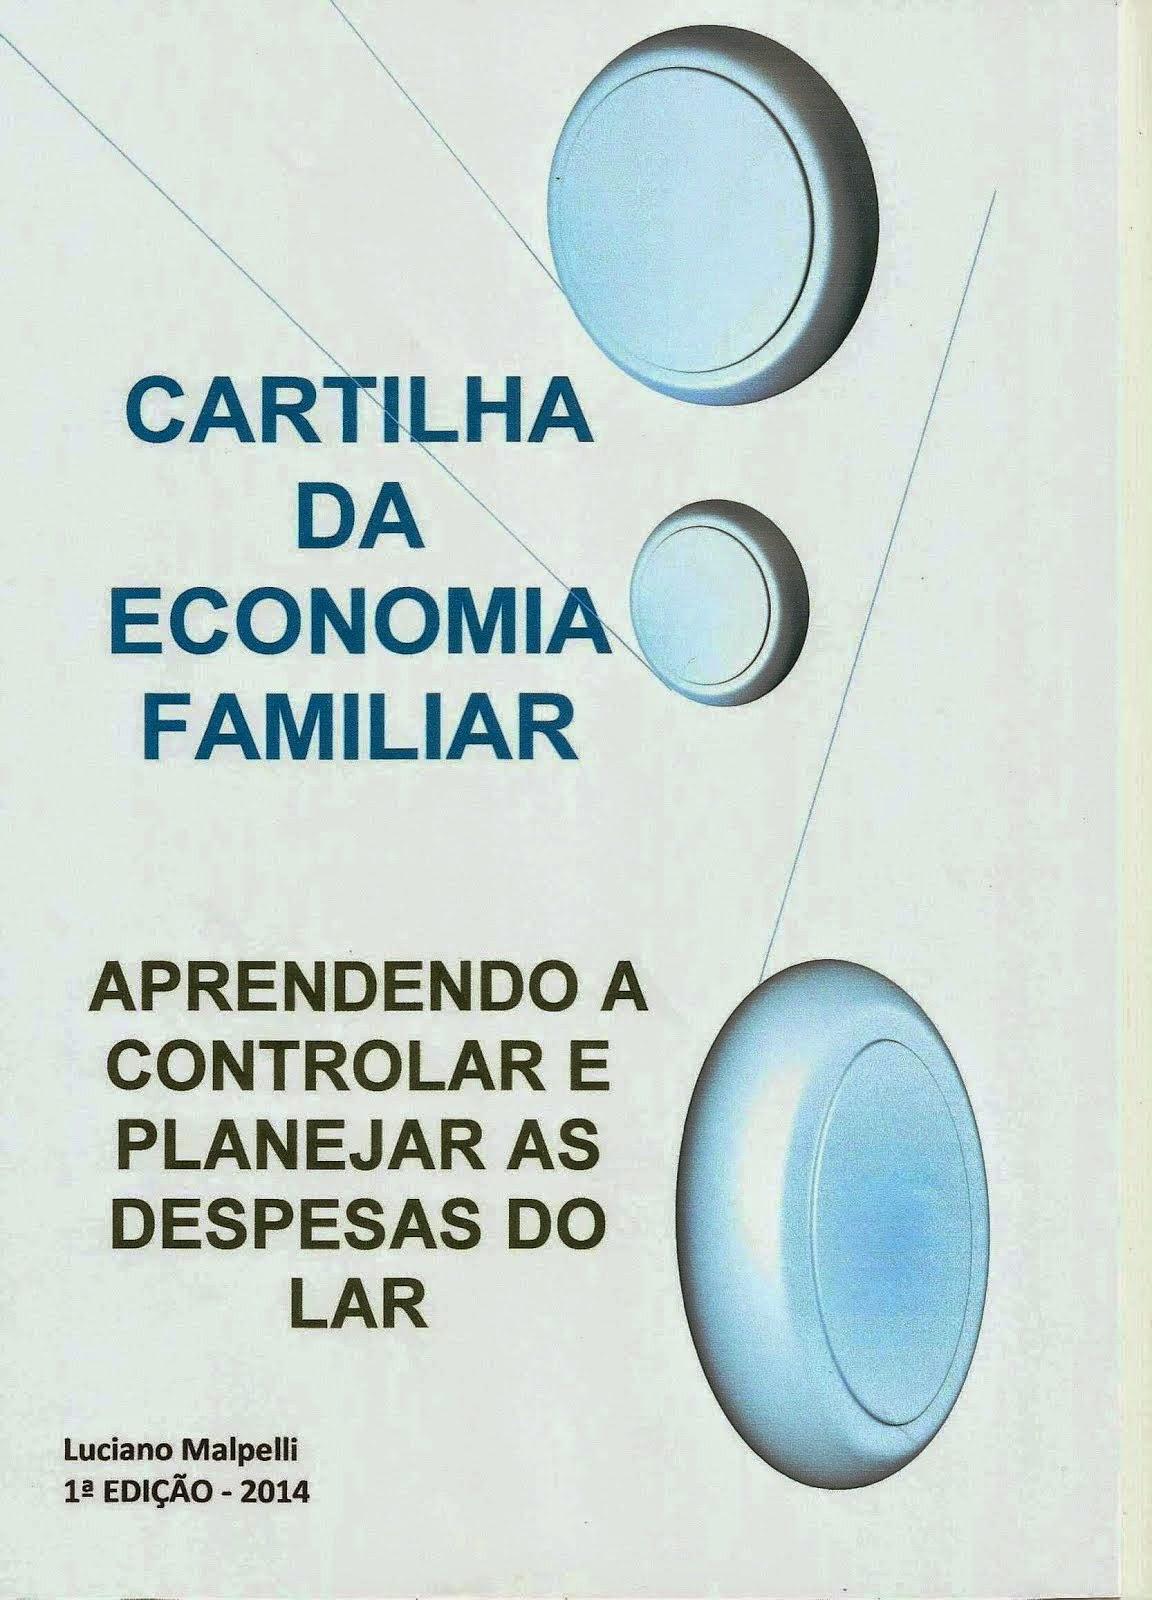 CARTILHA DA ECONOMIA FAMILIAR